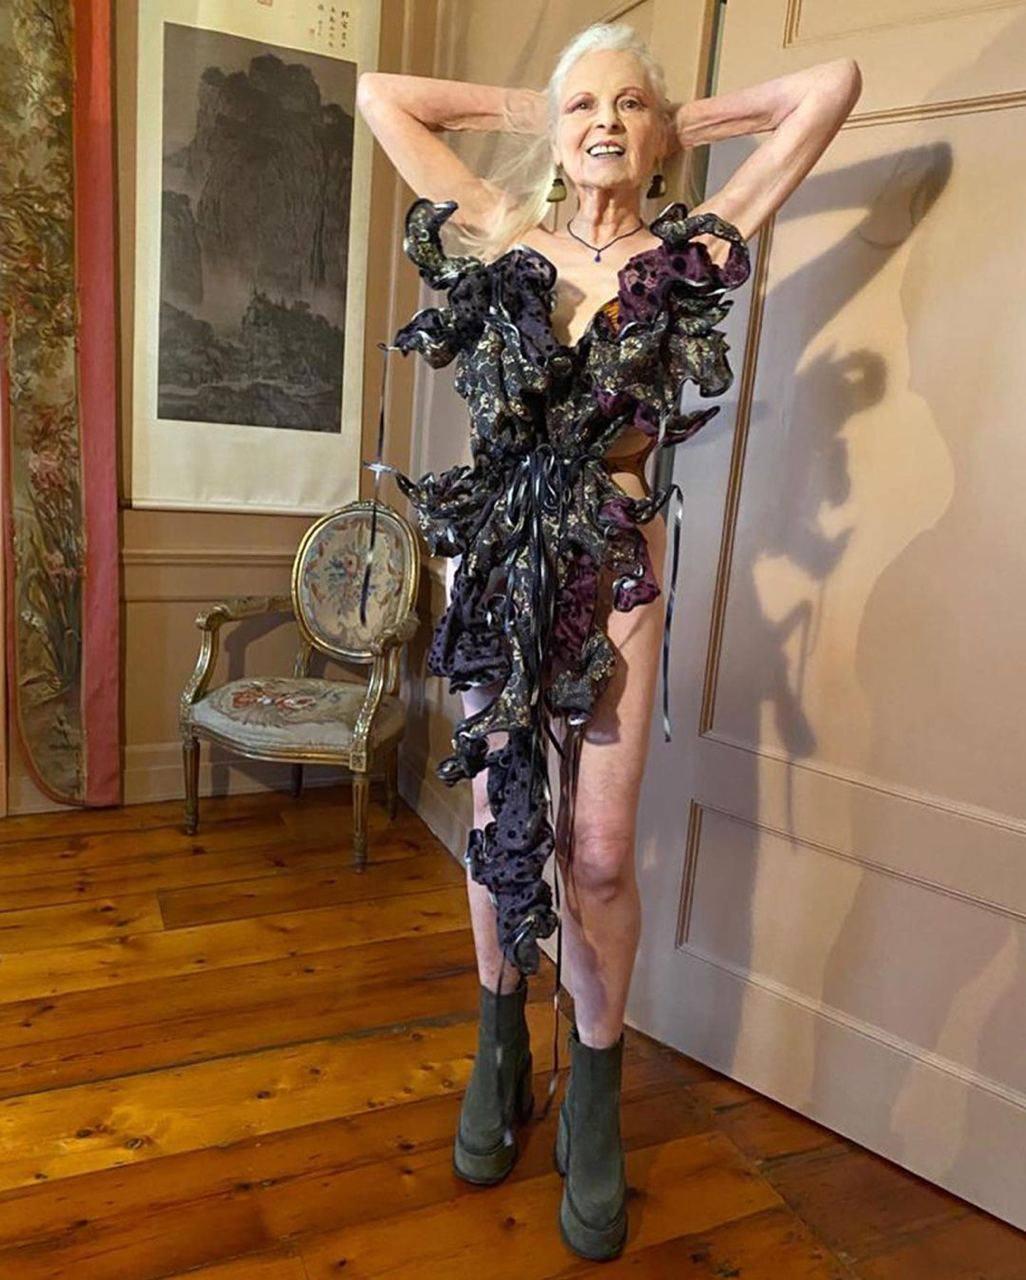 79-летняя Вивьен Вествуд обнажилась в новой фотосессии, чтобы привлечь внимание к теме изменения климата (ФОТО) - фото №2